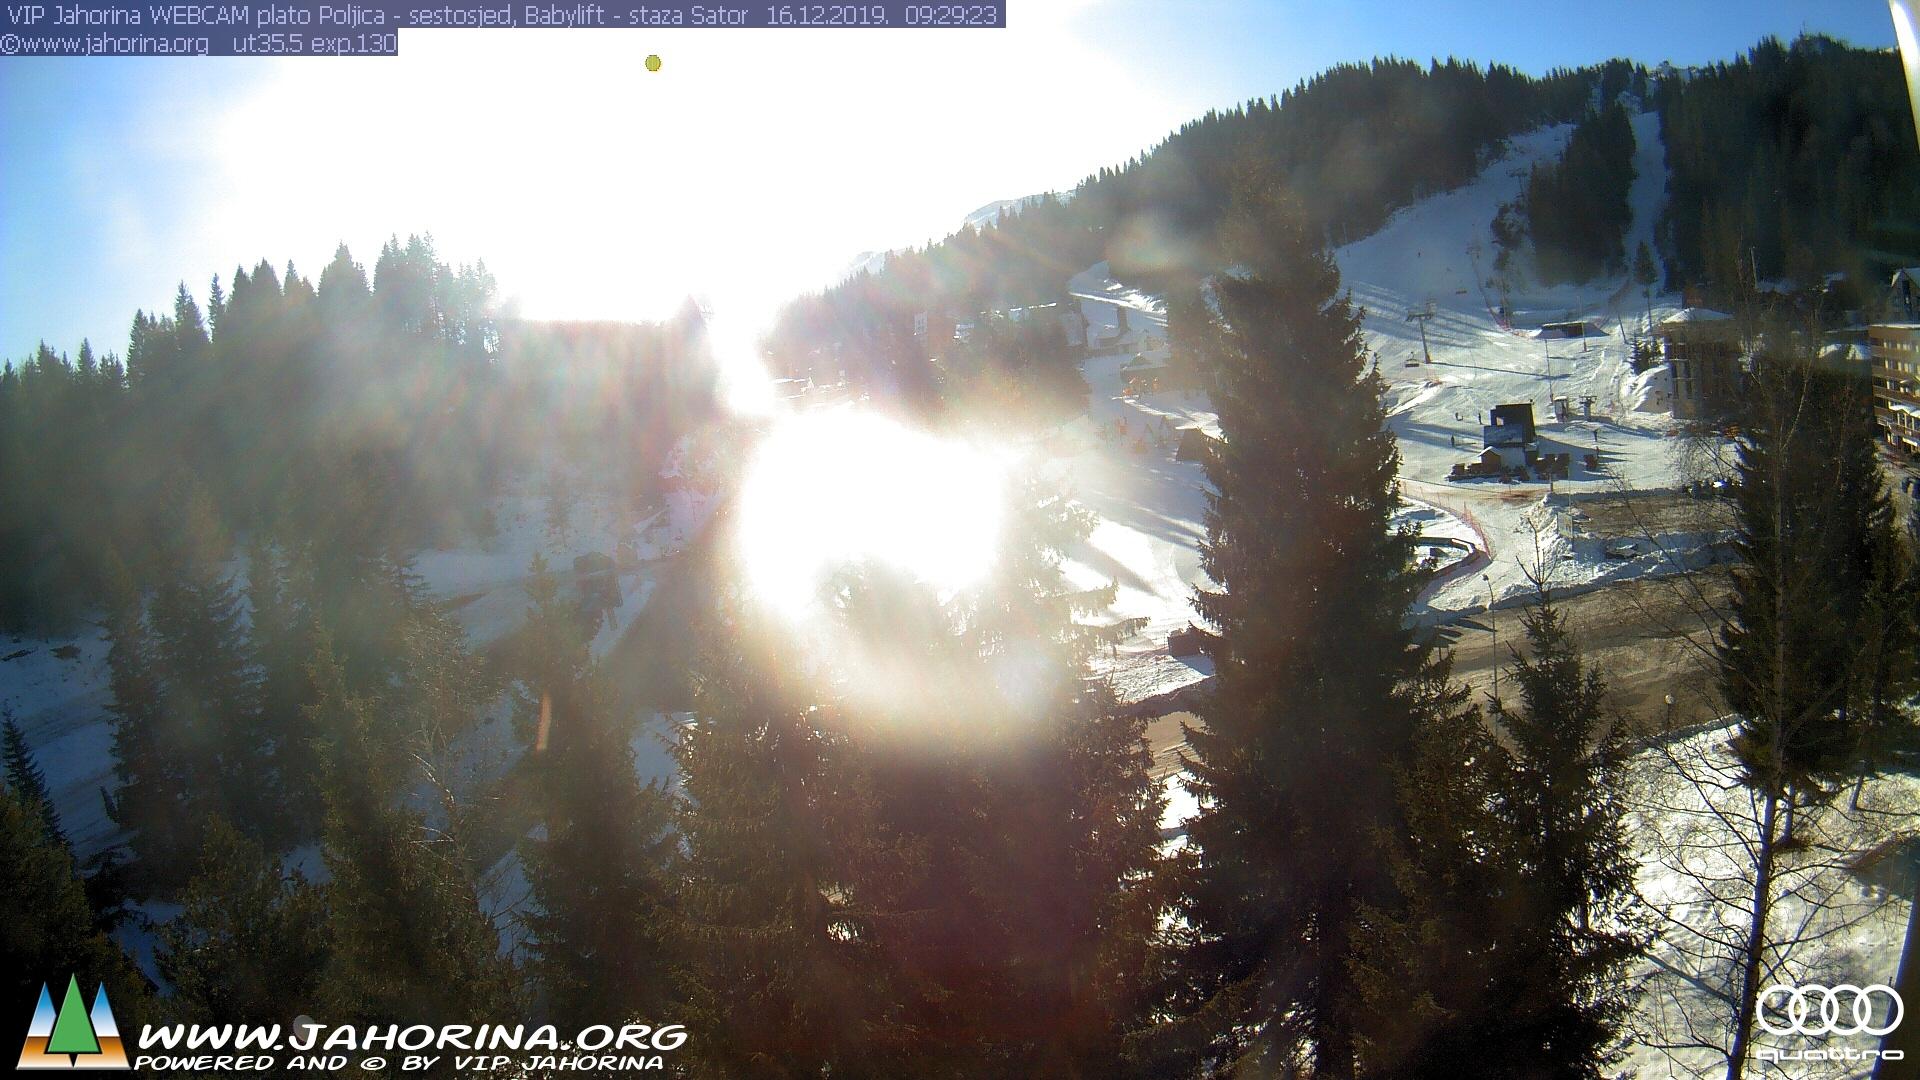 Webcam Jahorina - kamere sa pogledom na ski stazu na Jahorini